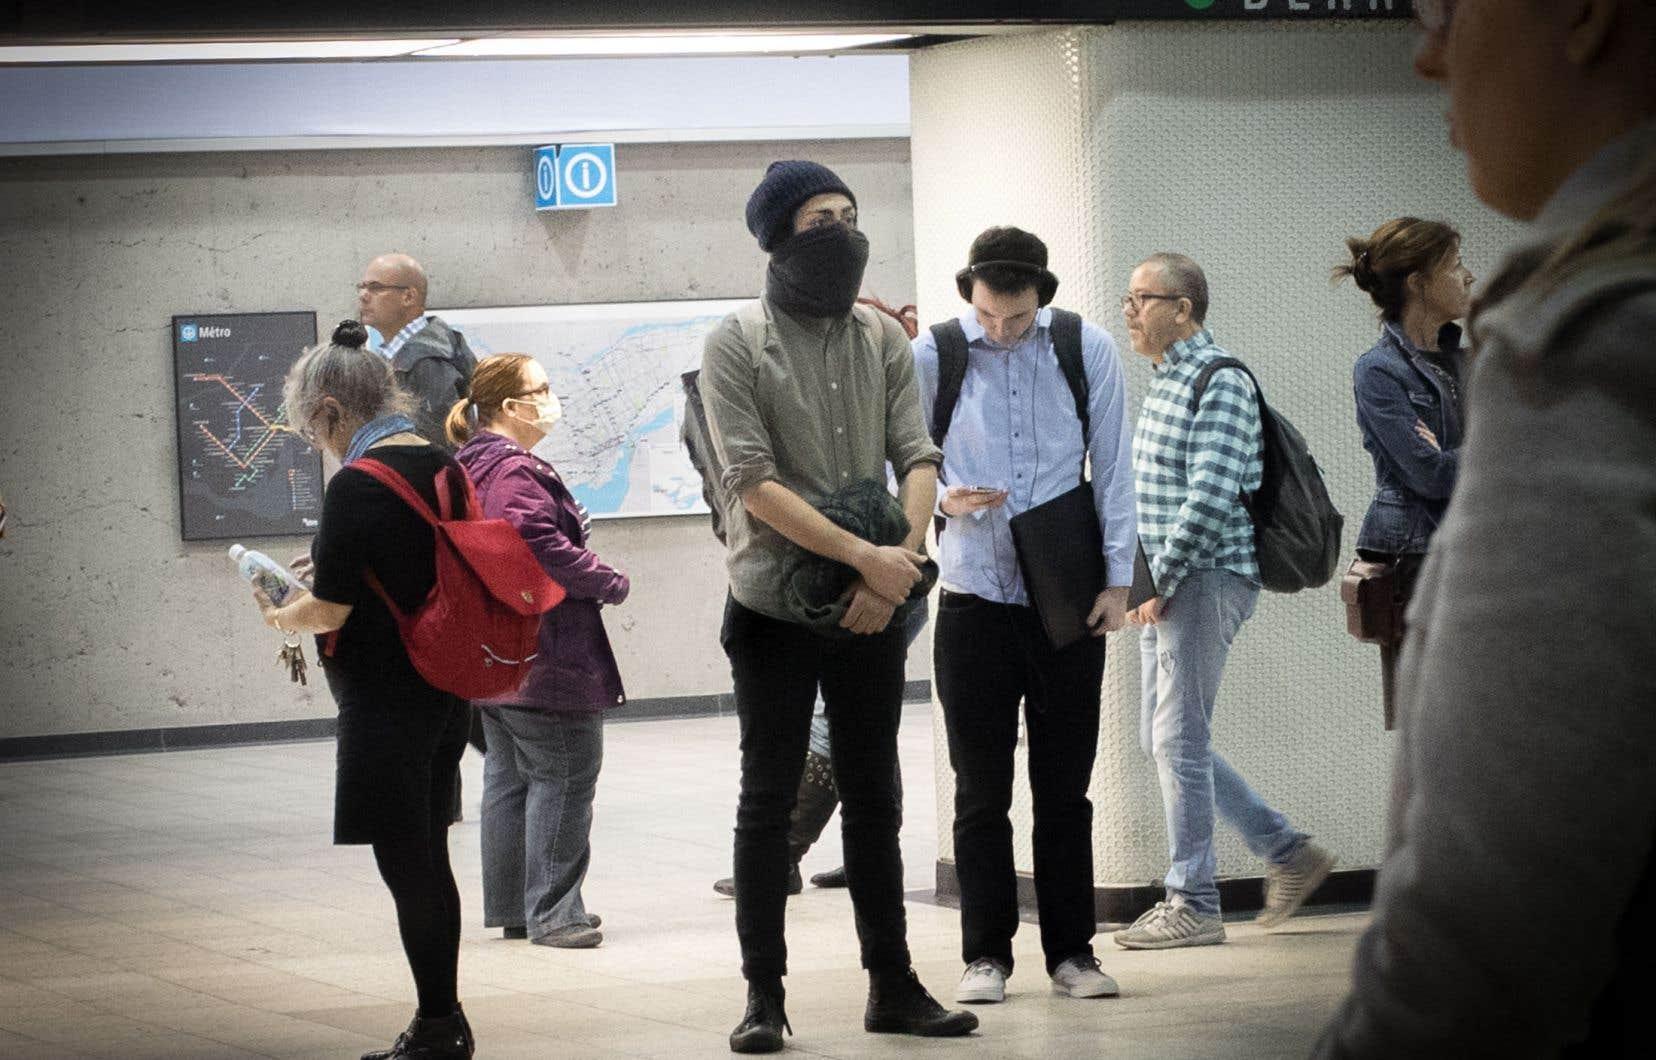 Au lendemain de l'adoption de la loi sur la neutralité religieuse, des usagers de la STM se sont présentés jeudi le visage voilé dans les autobus et les stations de métro pour protester contre l'exigence de montrer son visage pour recevoir des services publics.